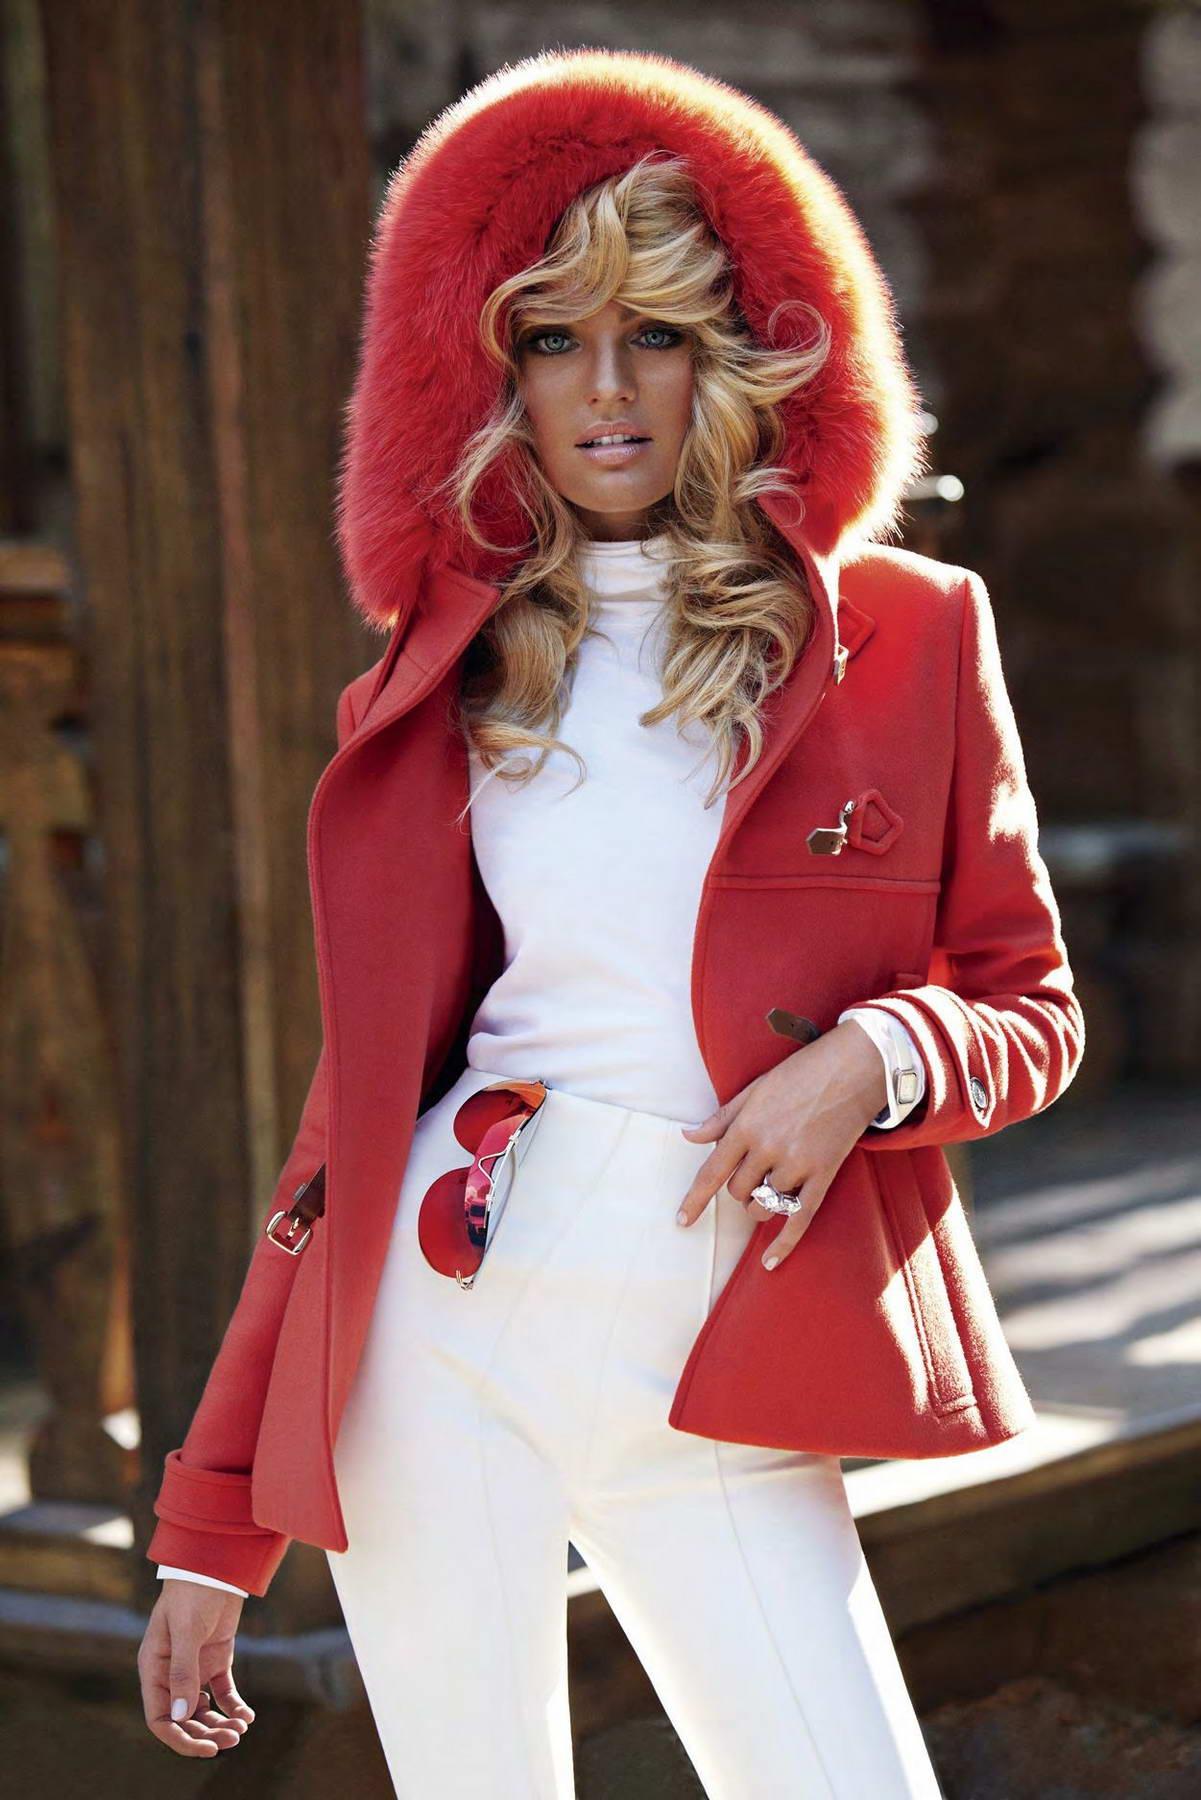 Candice Swanepoel Photoshoot For V Magazine 2011 - HawtCelebs